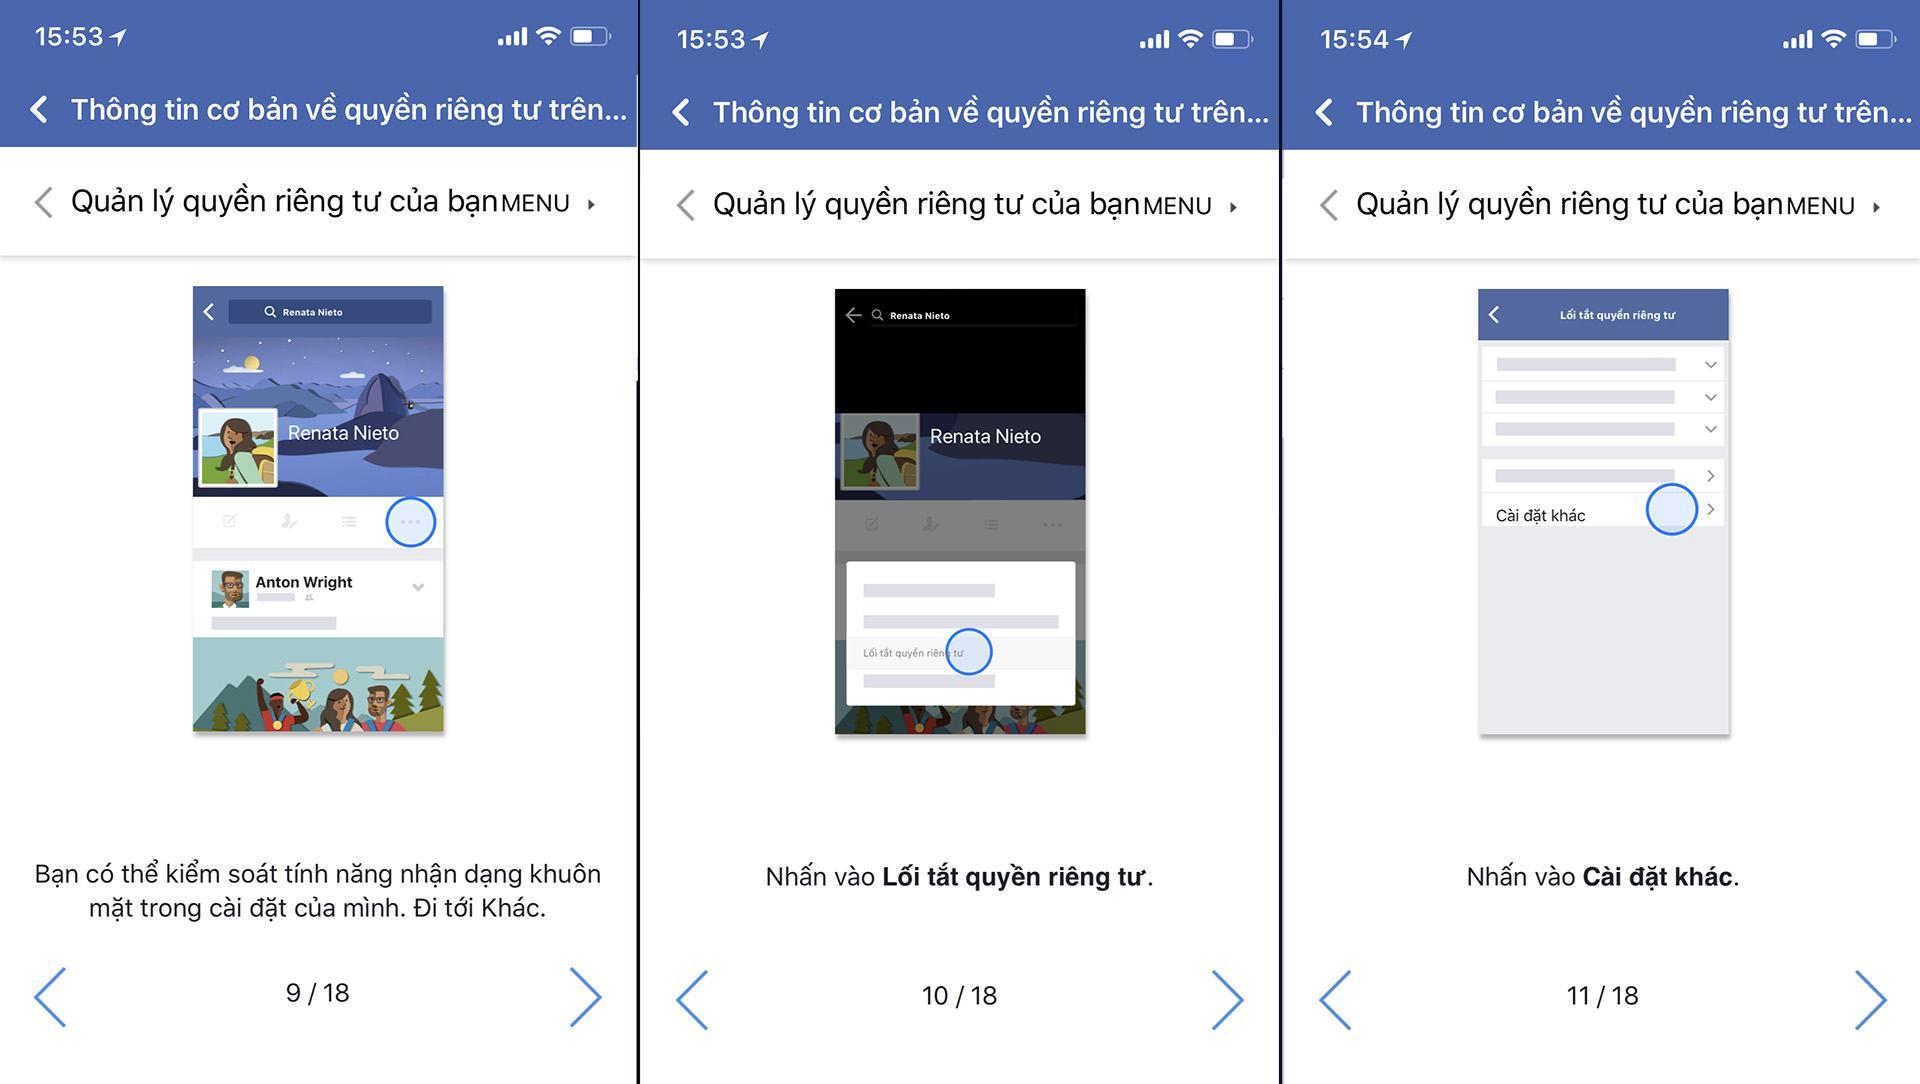 Facebook cập nhật tính năng nhận diện khuôn mặt, tương lai nào cho Marketer Viêt Nam? - image fLRTX on https://atpsoftware.vn